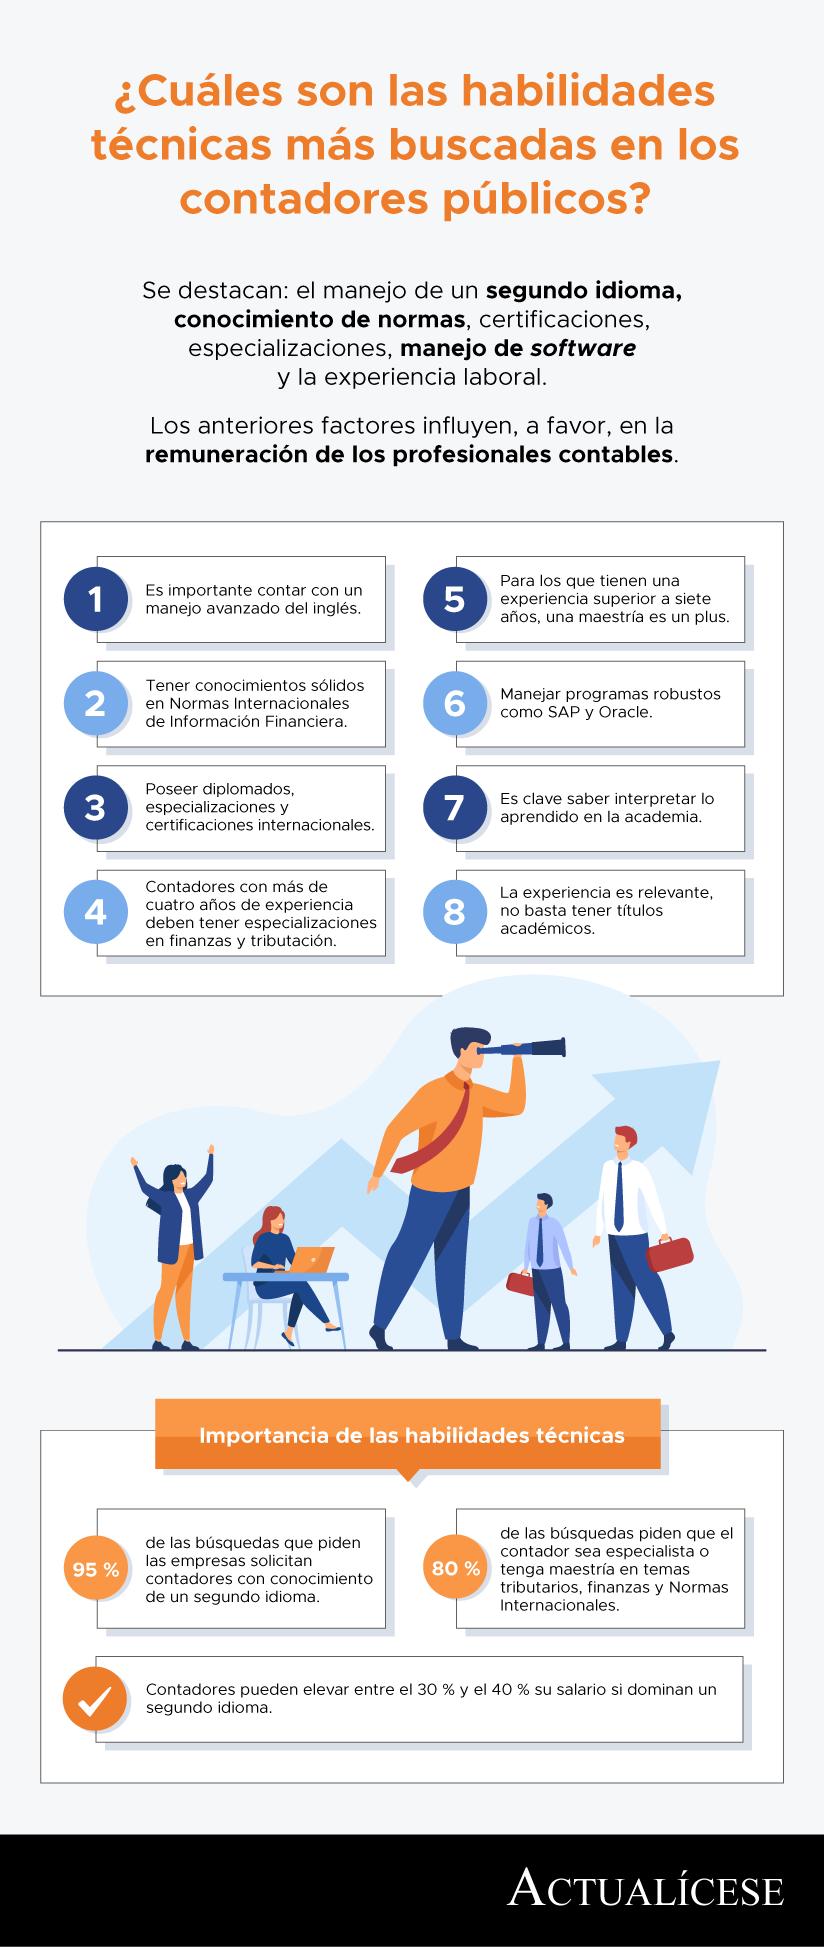 [Infografía] ¿Cuáles son las habilidades técnicas más buscadas en los contadores públicos?